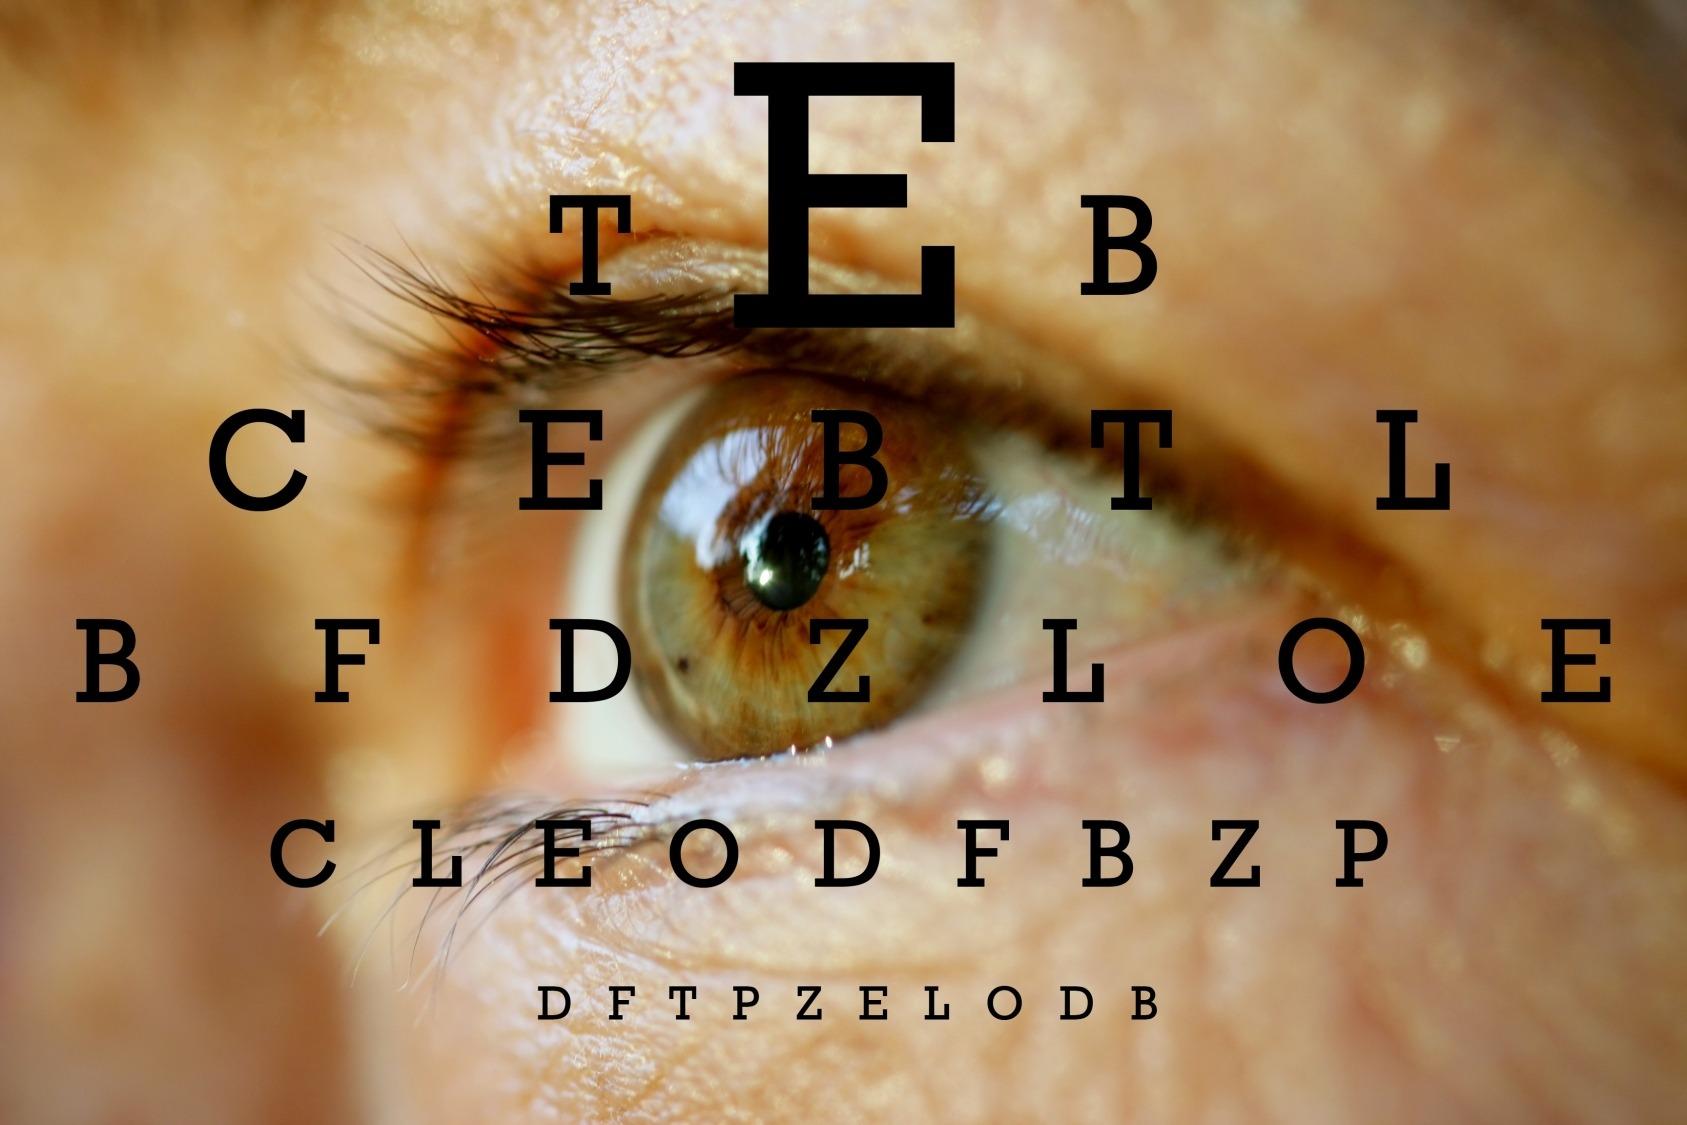 عفونت چشمی همراه با تاری دید را جدی بگیرید